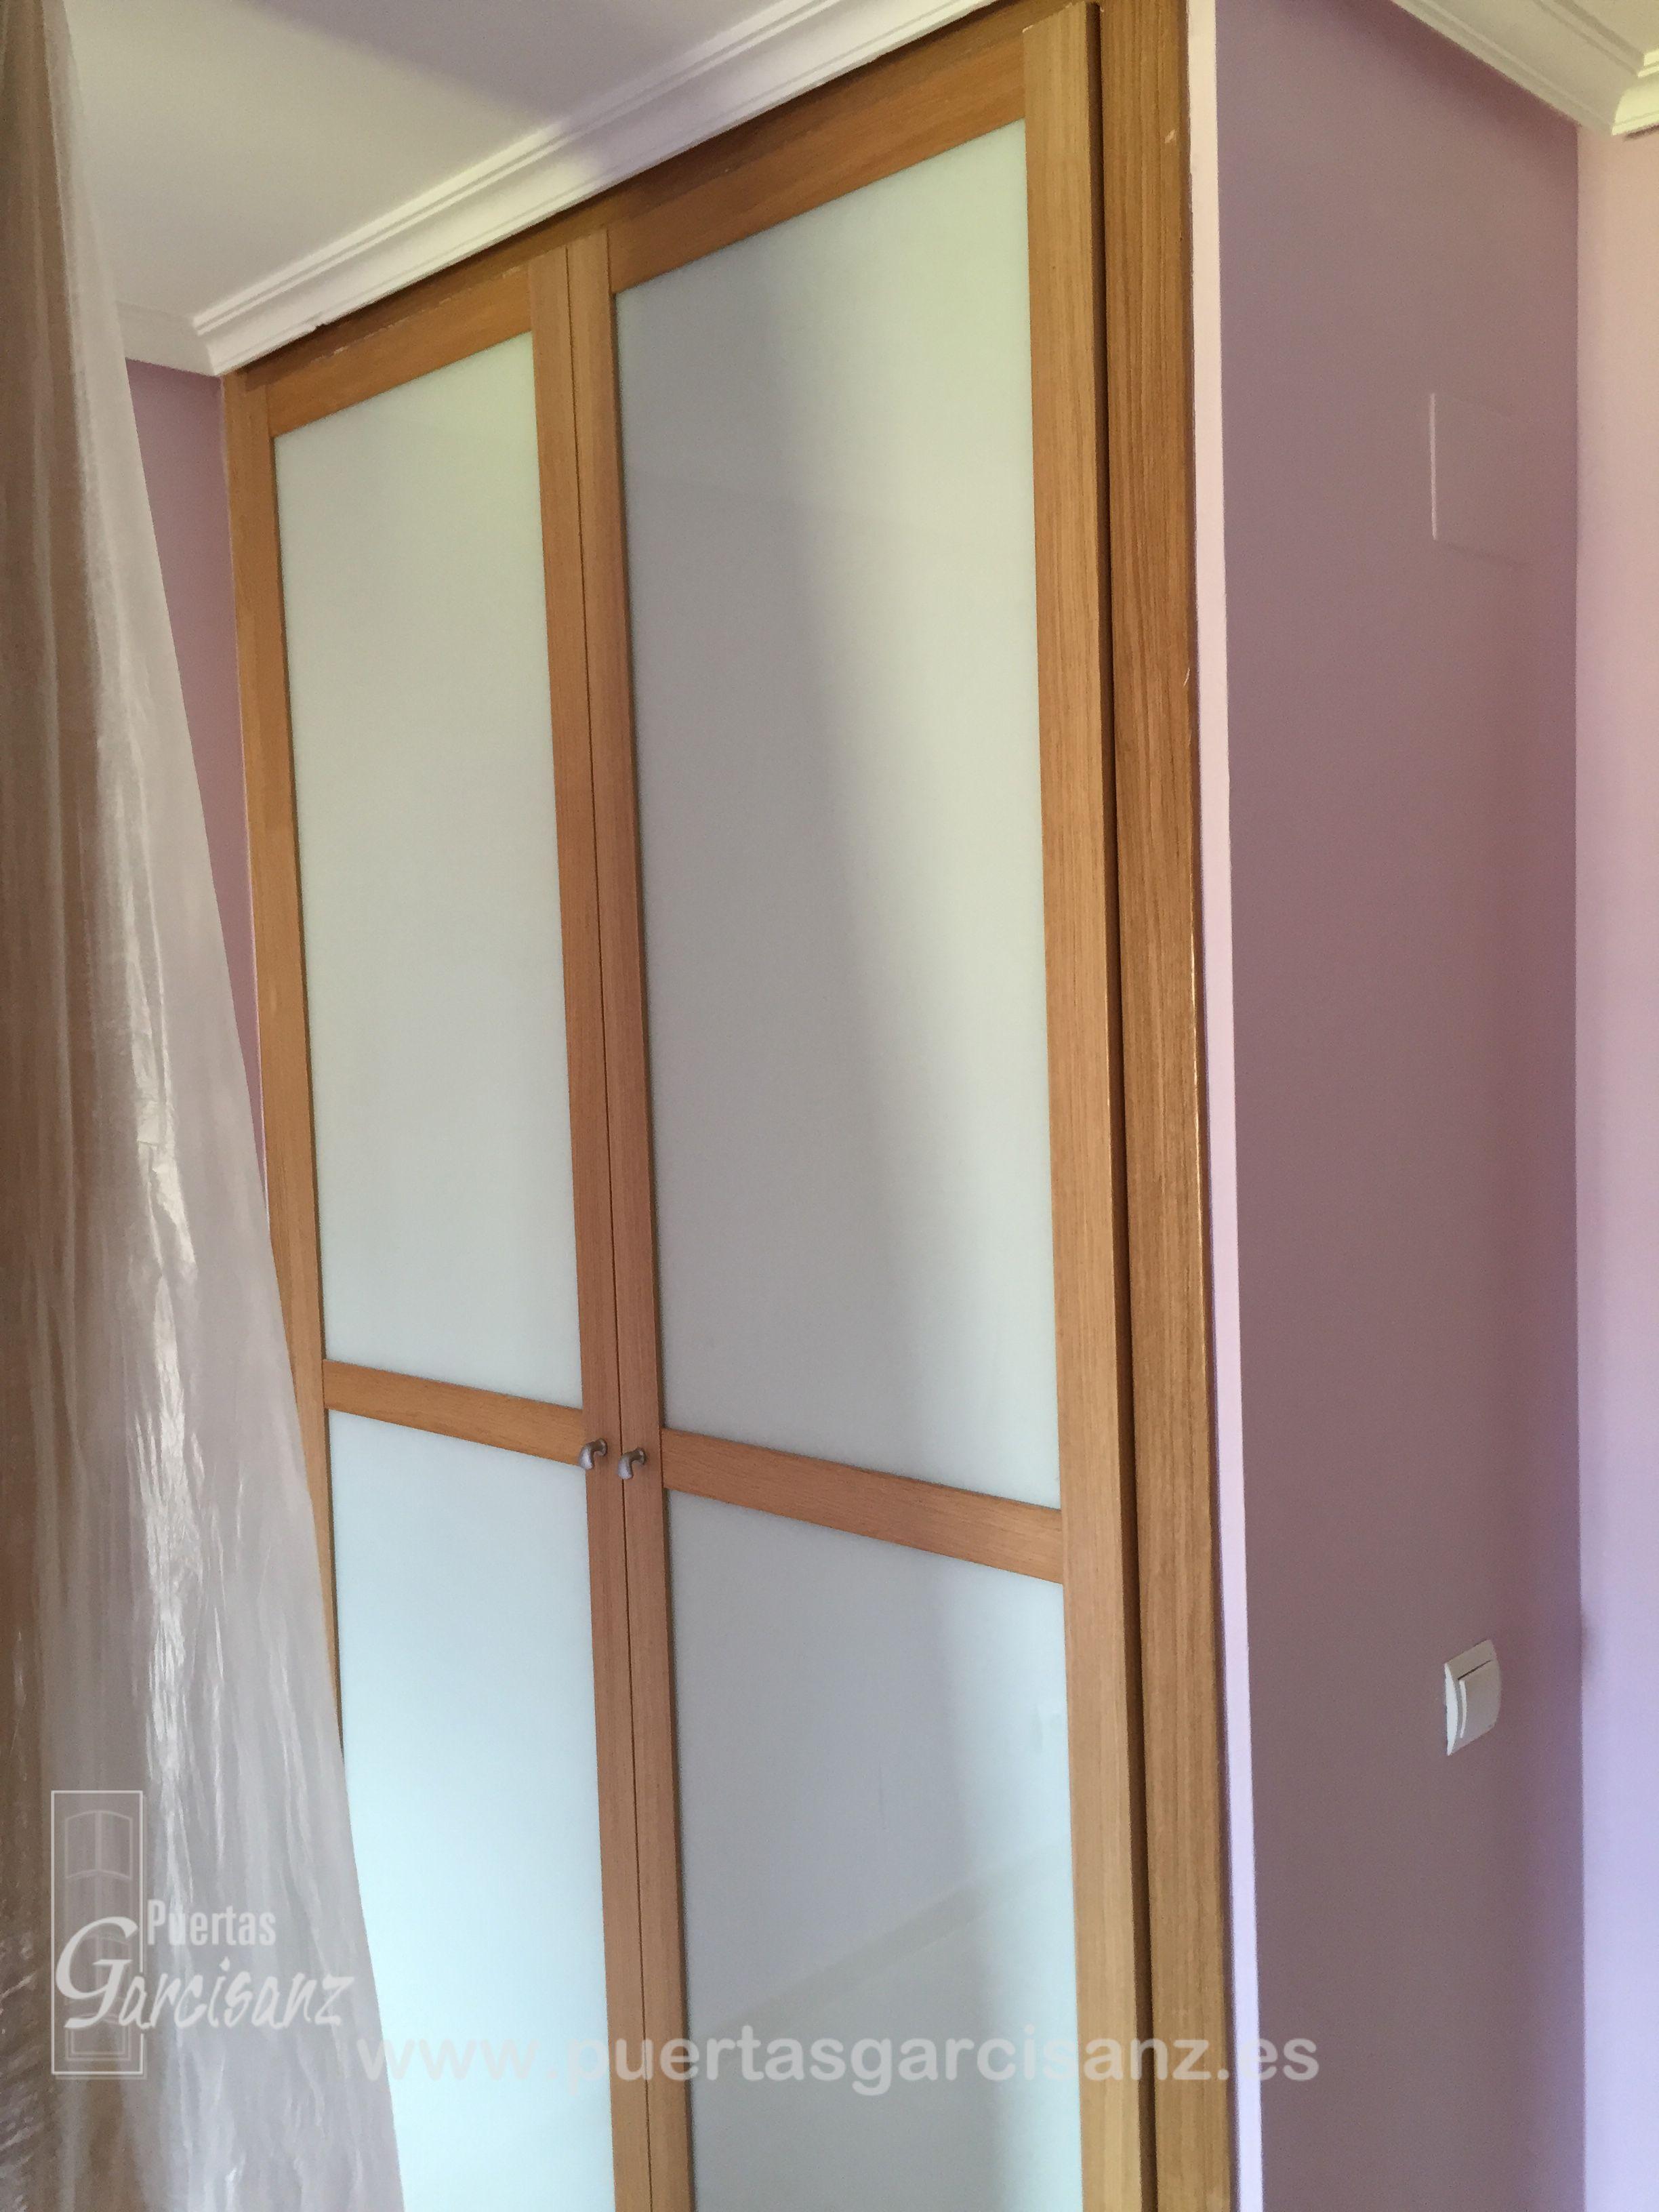 Frente de armario de dos puertas abatibles en acabado - Armario de chapa ...